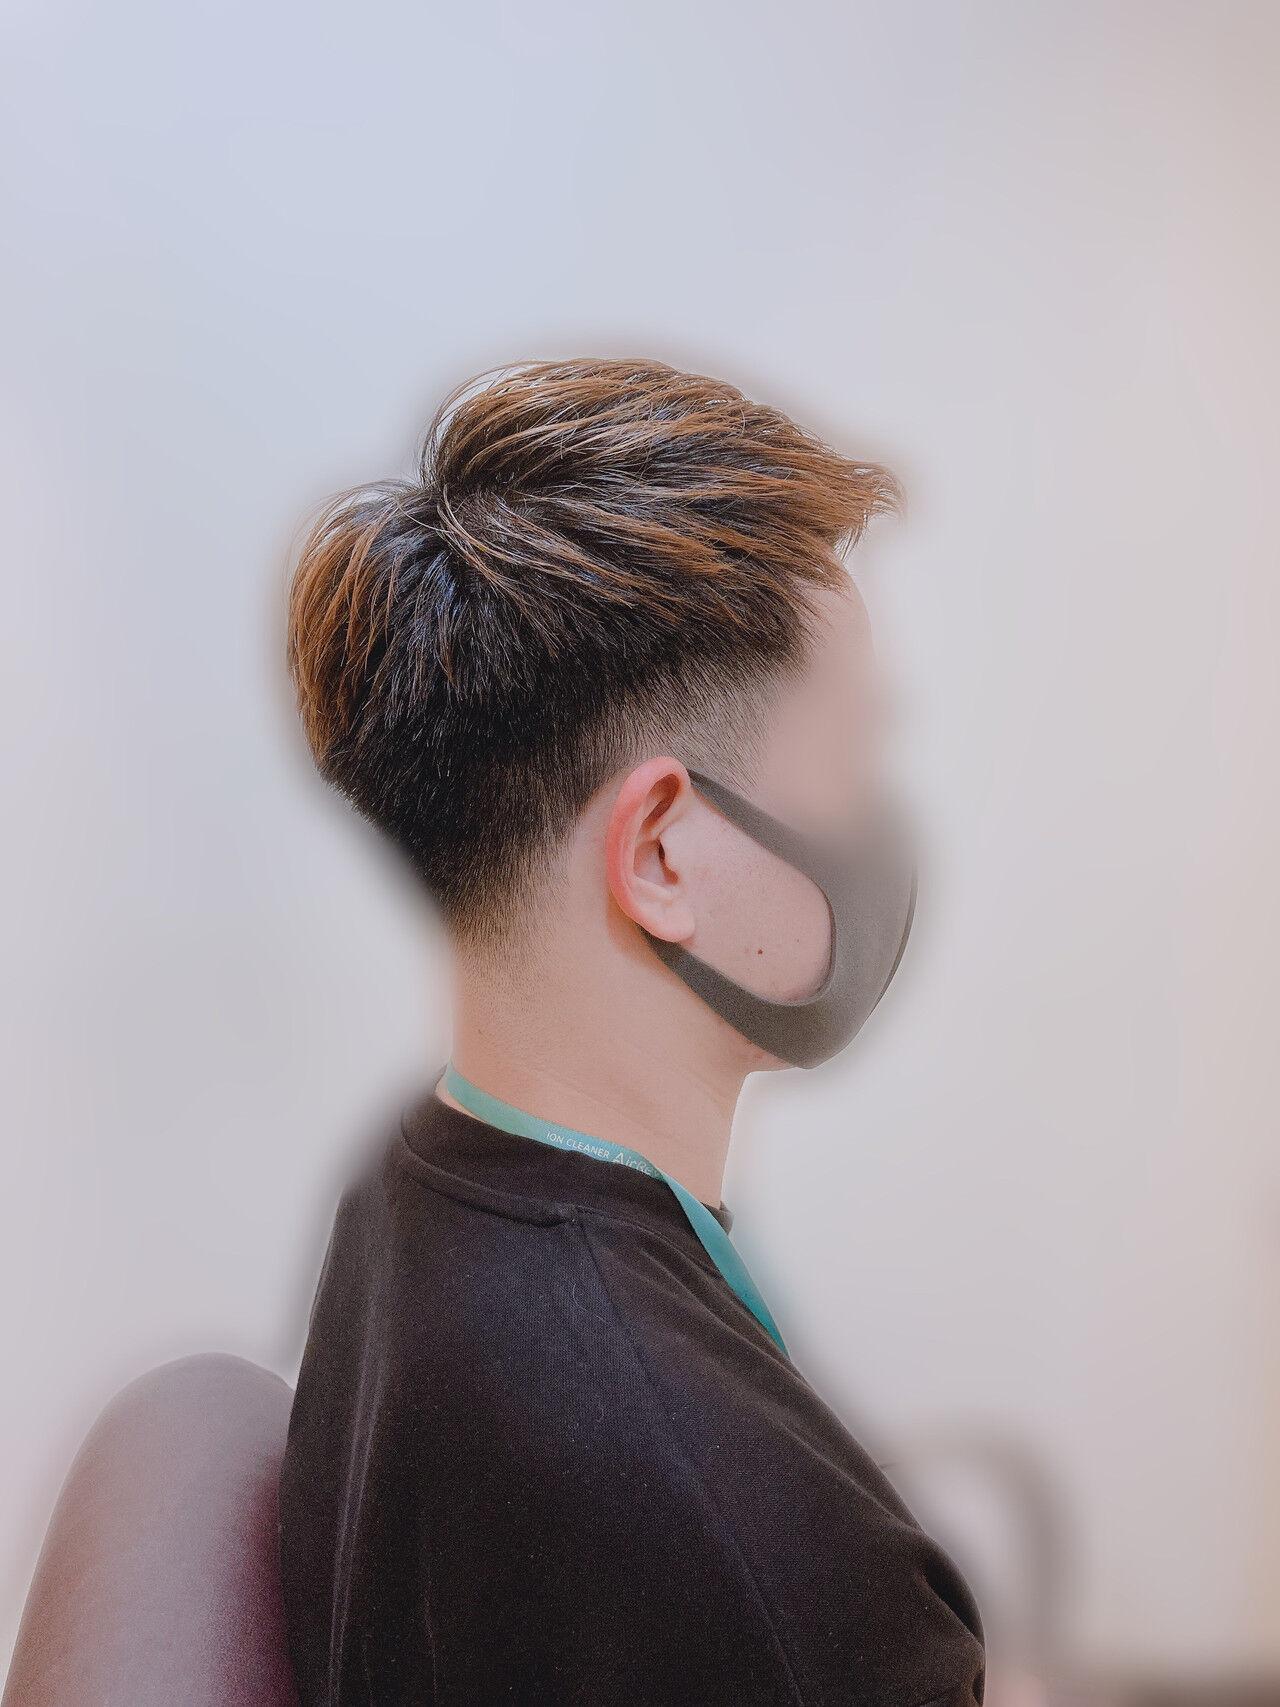 メンズカジュアル メンズカット ストリート ショートヘアスタイルや髪型の写真・画像